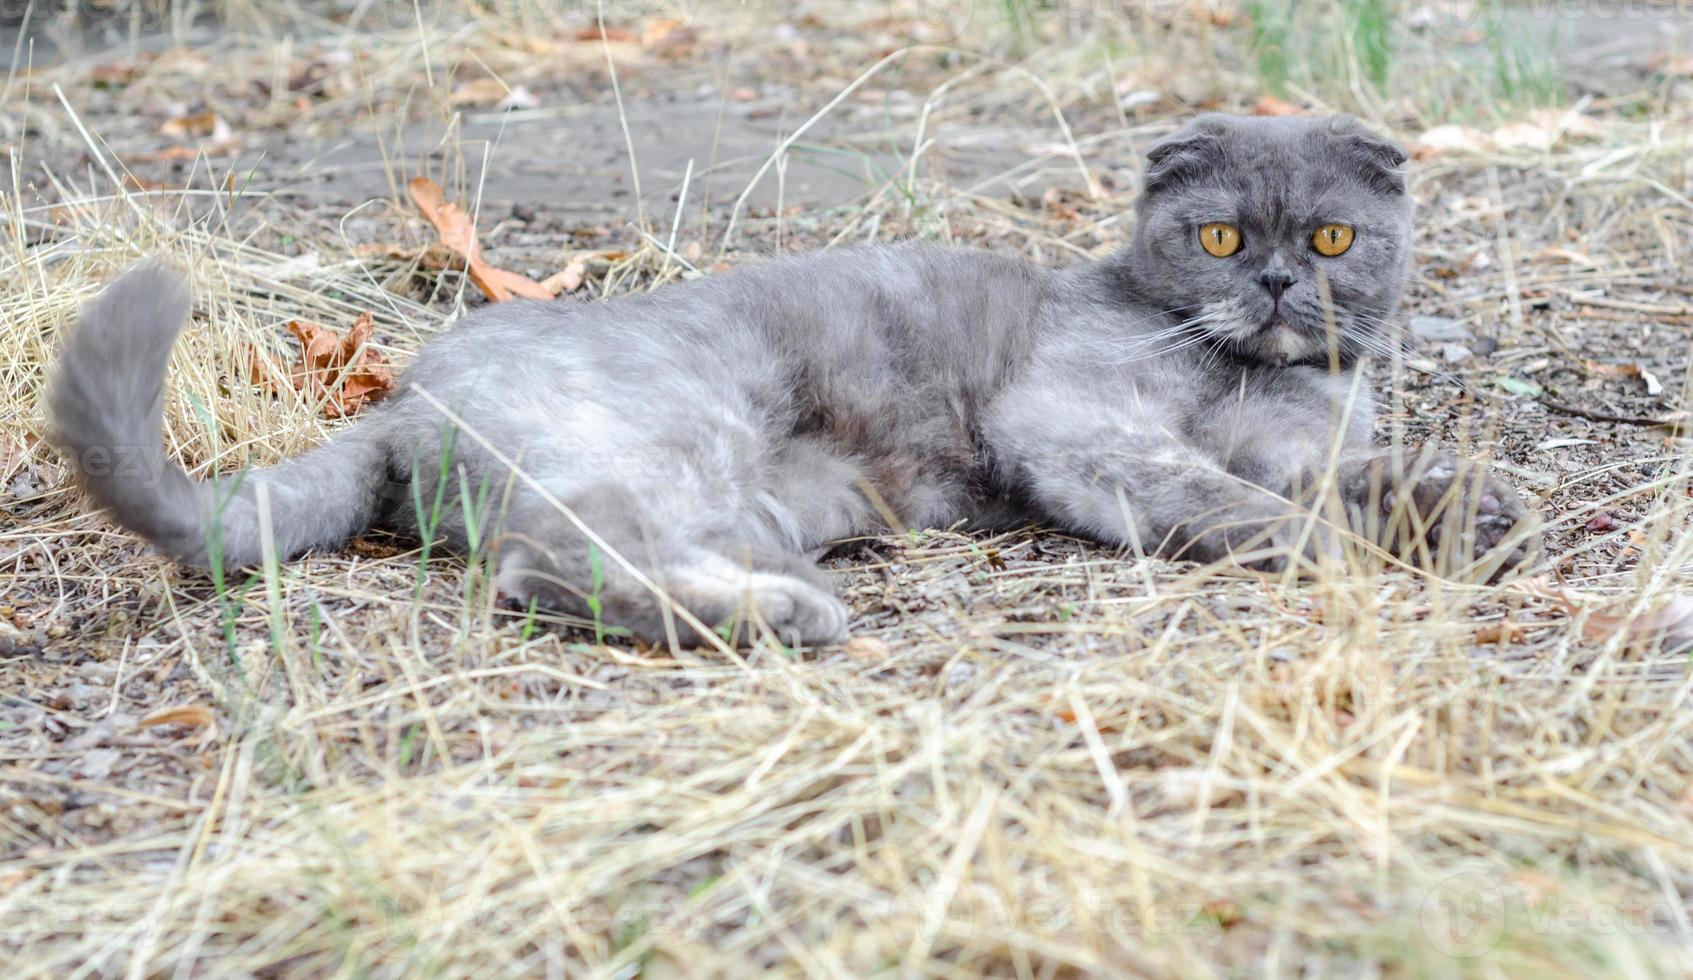 chat gris dans l'herbe photo